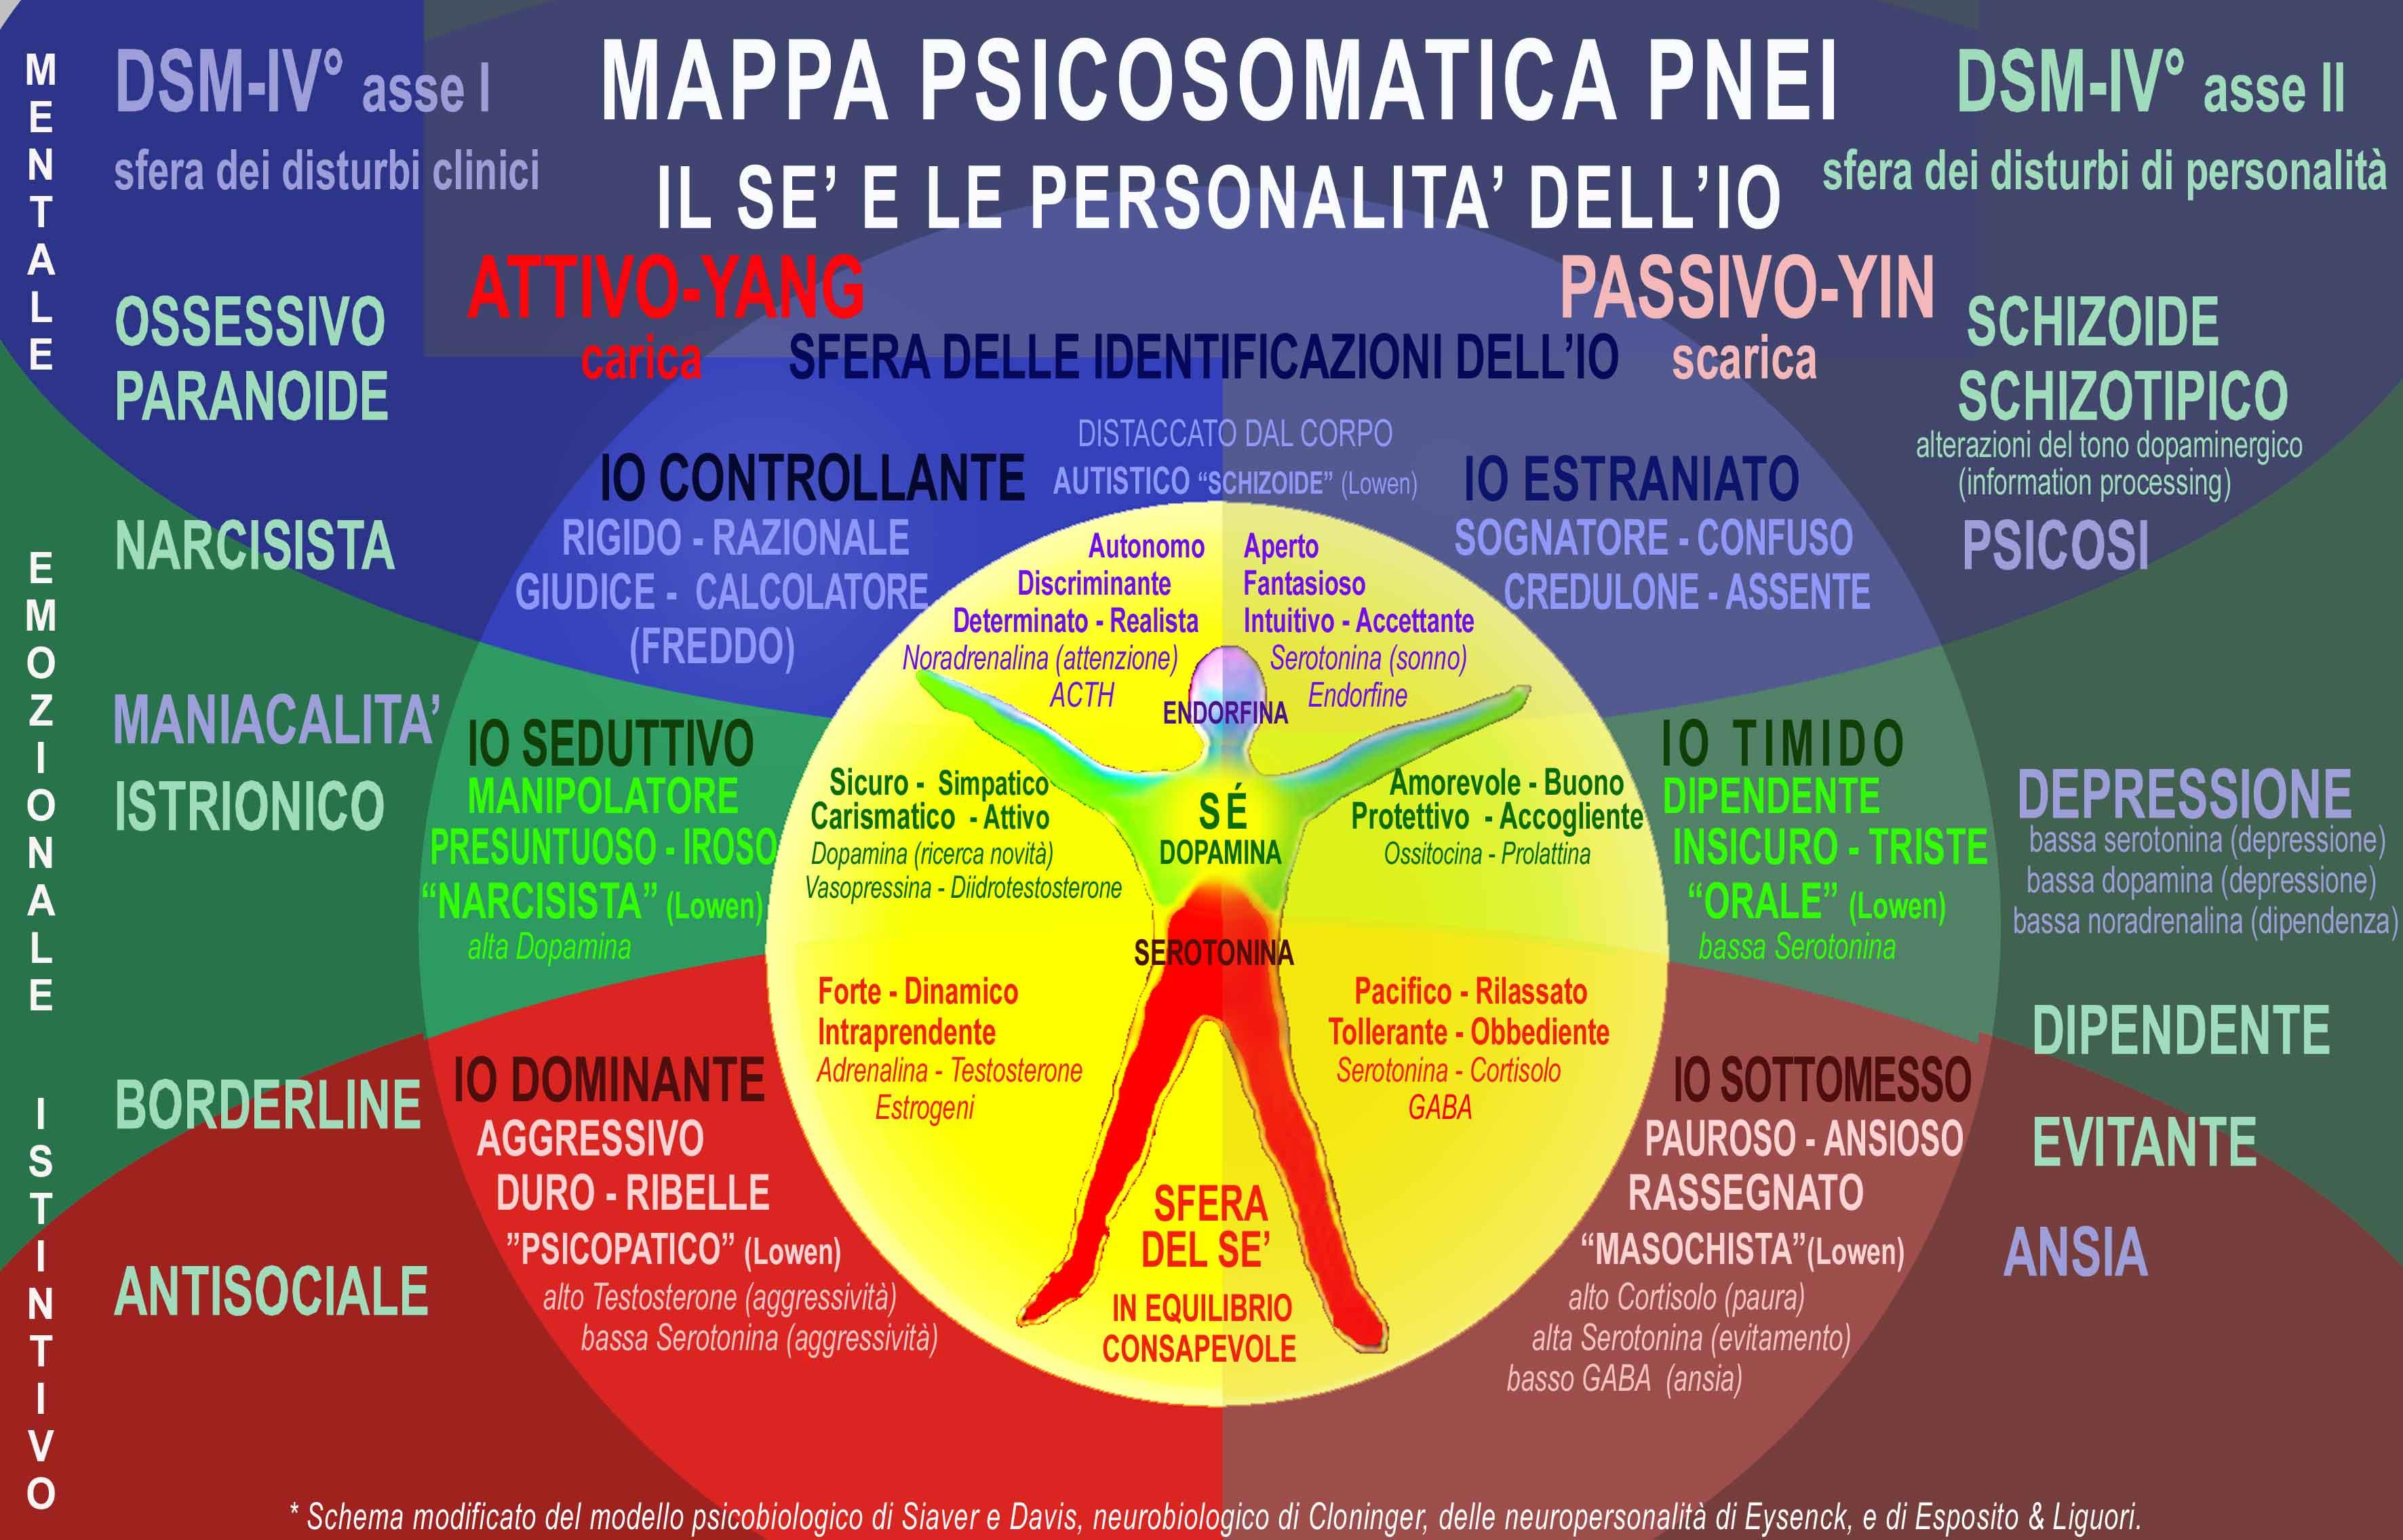 psiconeuroendocrinoimmunologia mappa psicosomatica